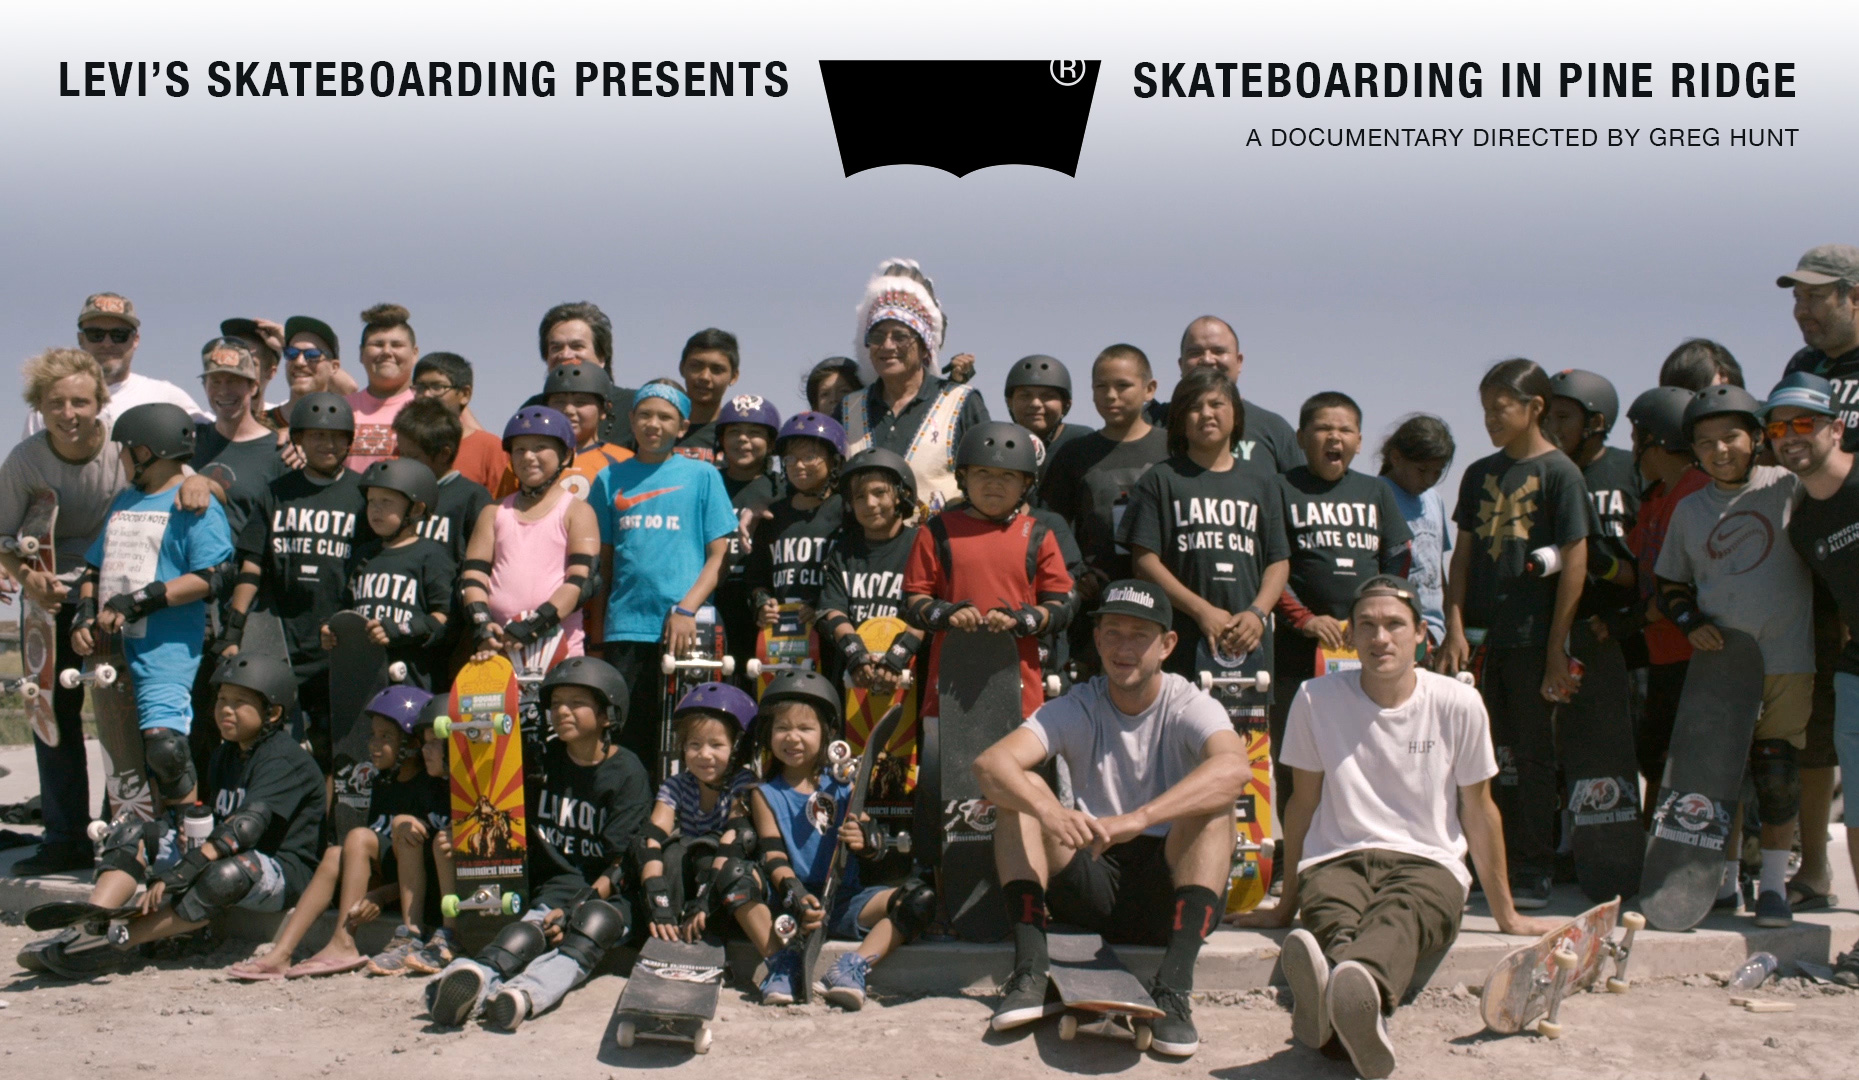 Lakota Skate Crew in full effect